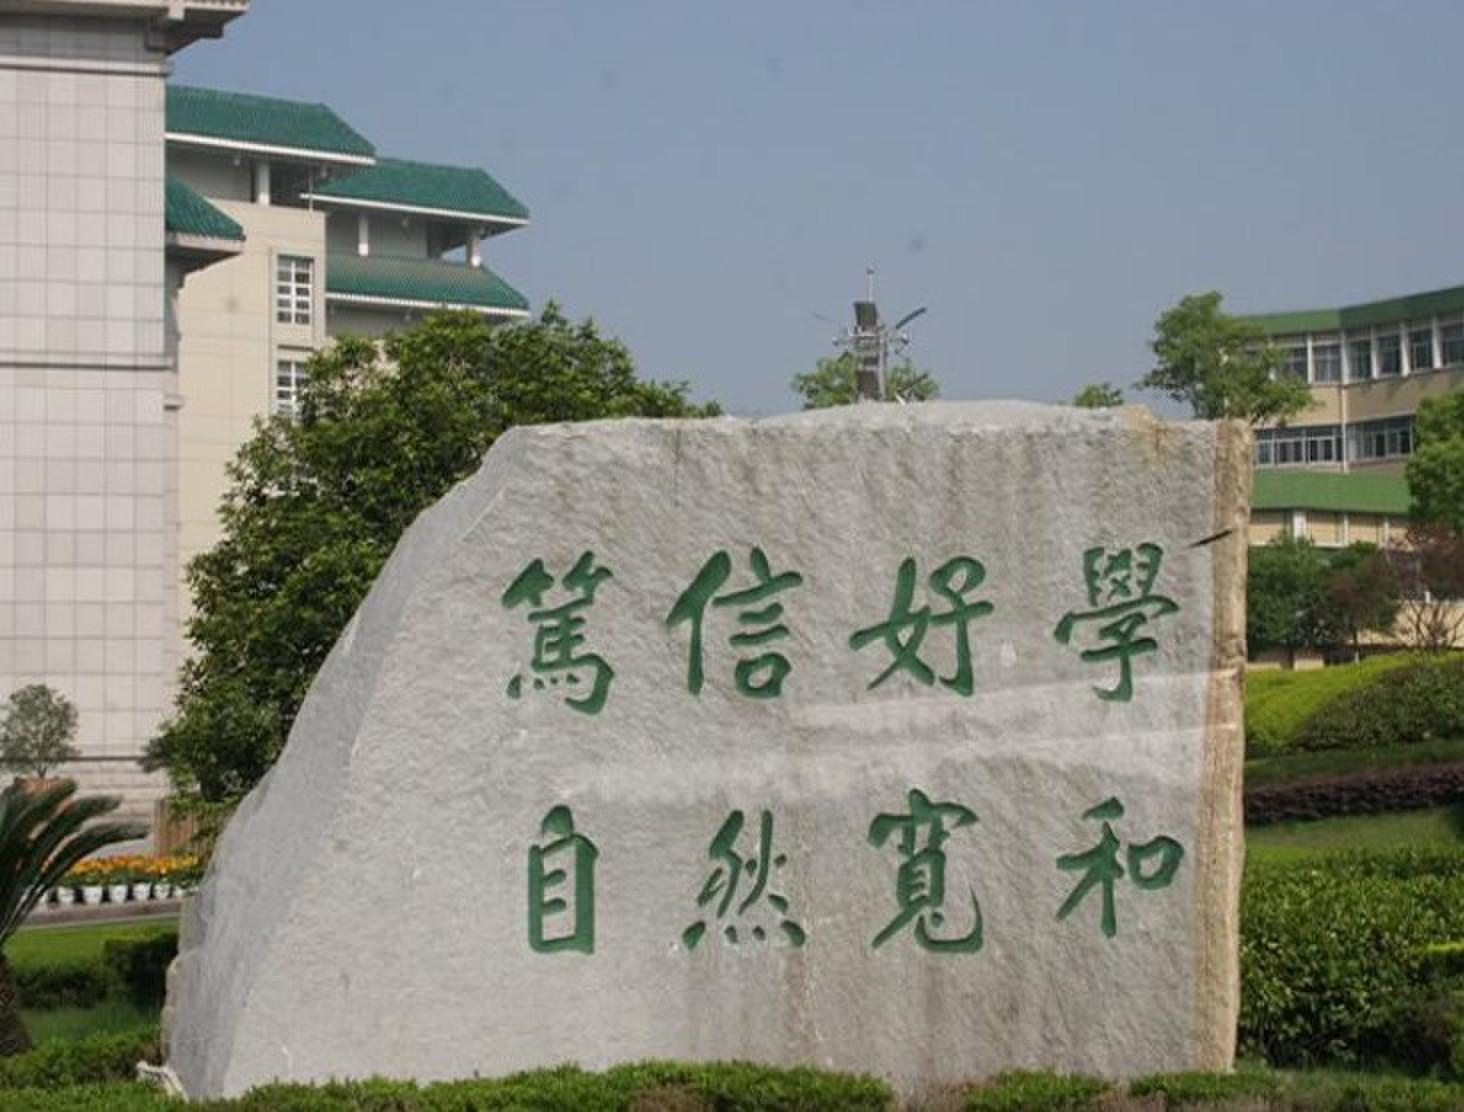 中南民族大学 - 搜狗百科